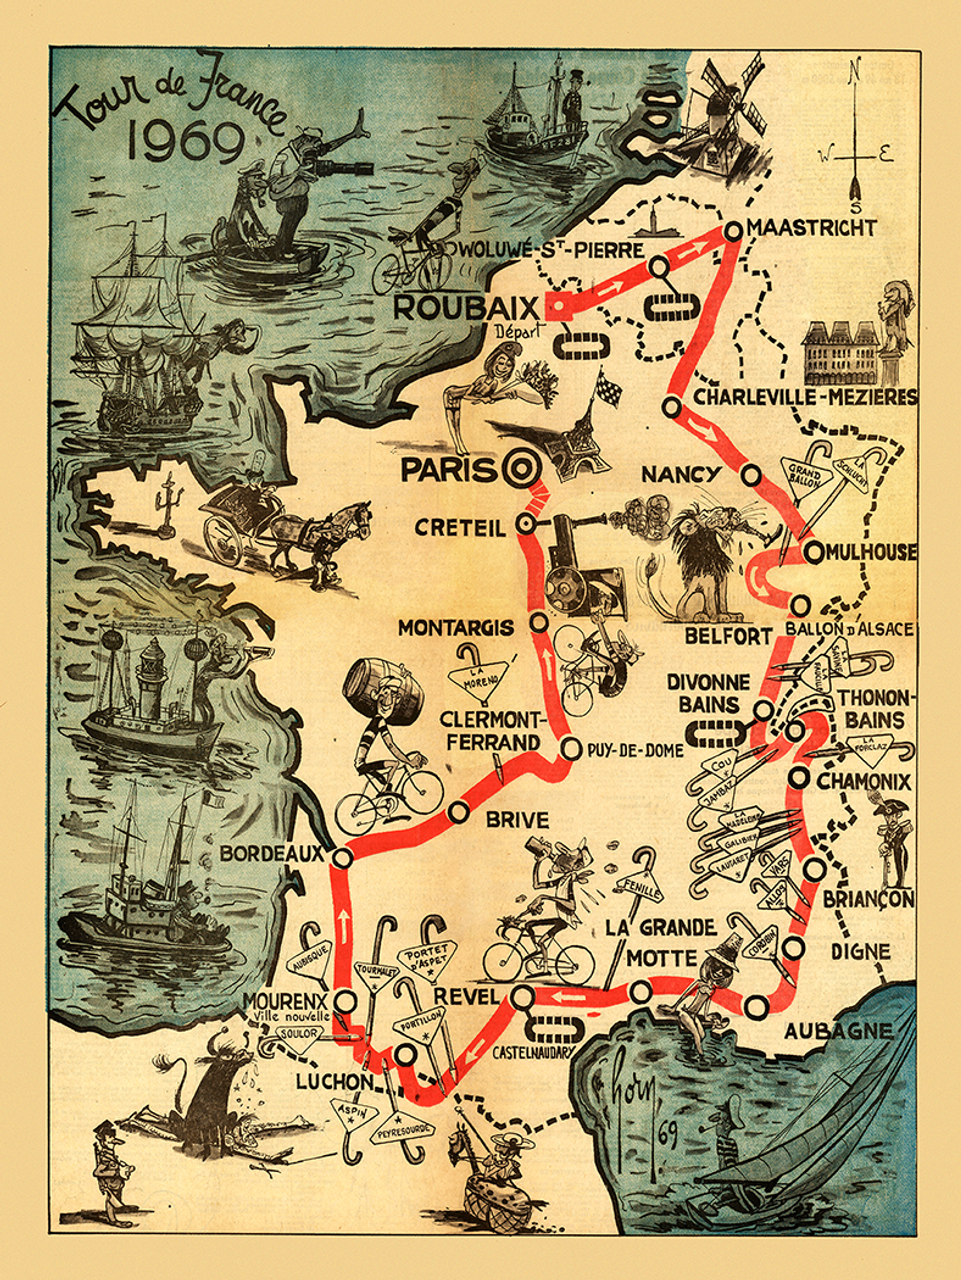 1969 Tour de France Vintage Map Poster designed so fans could follow the race